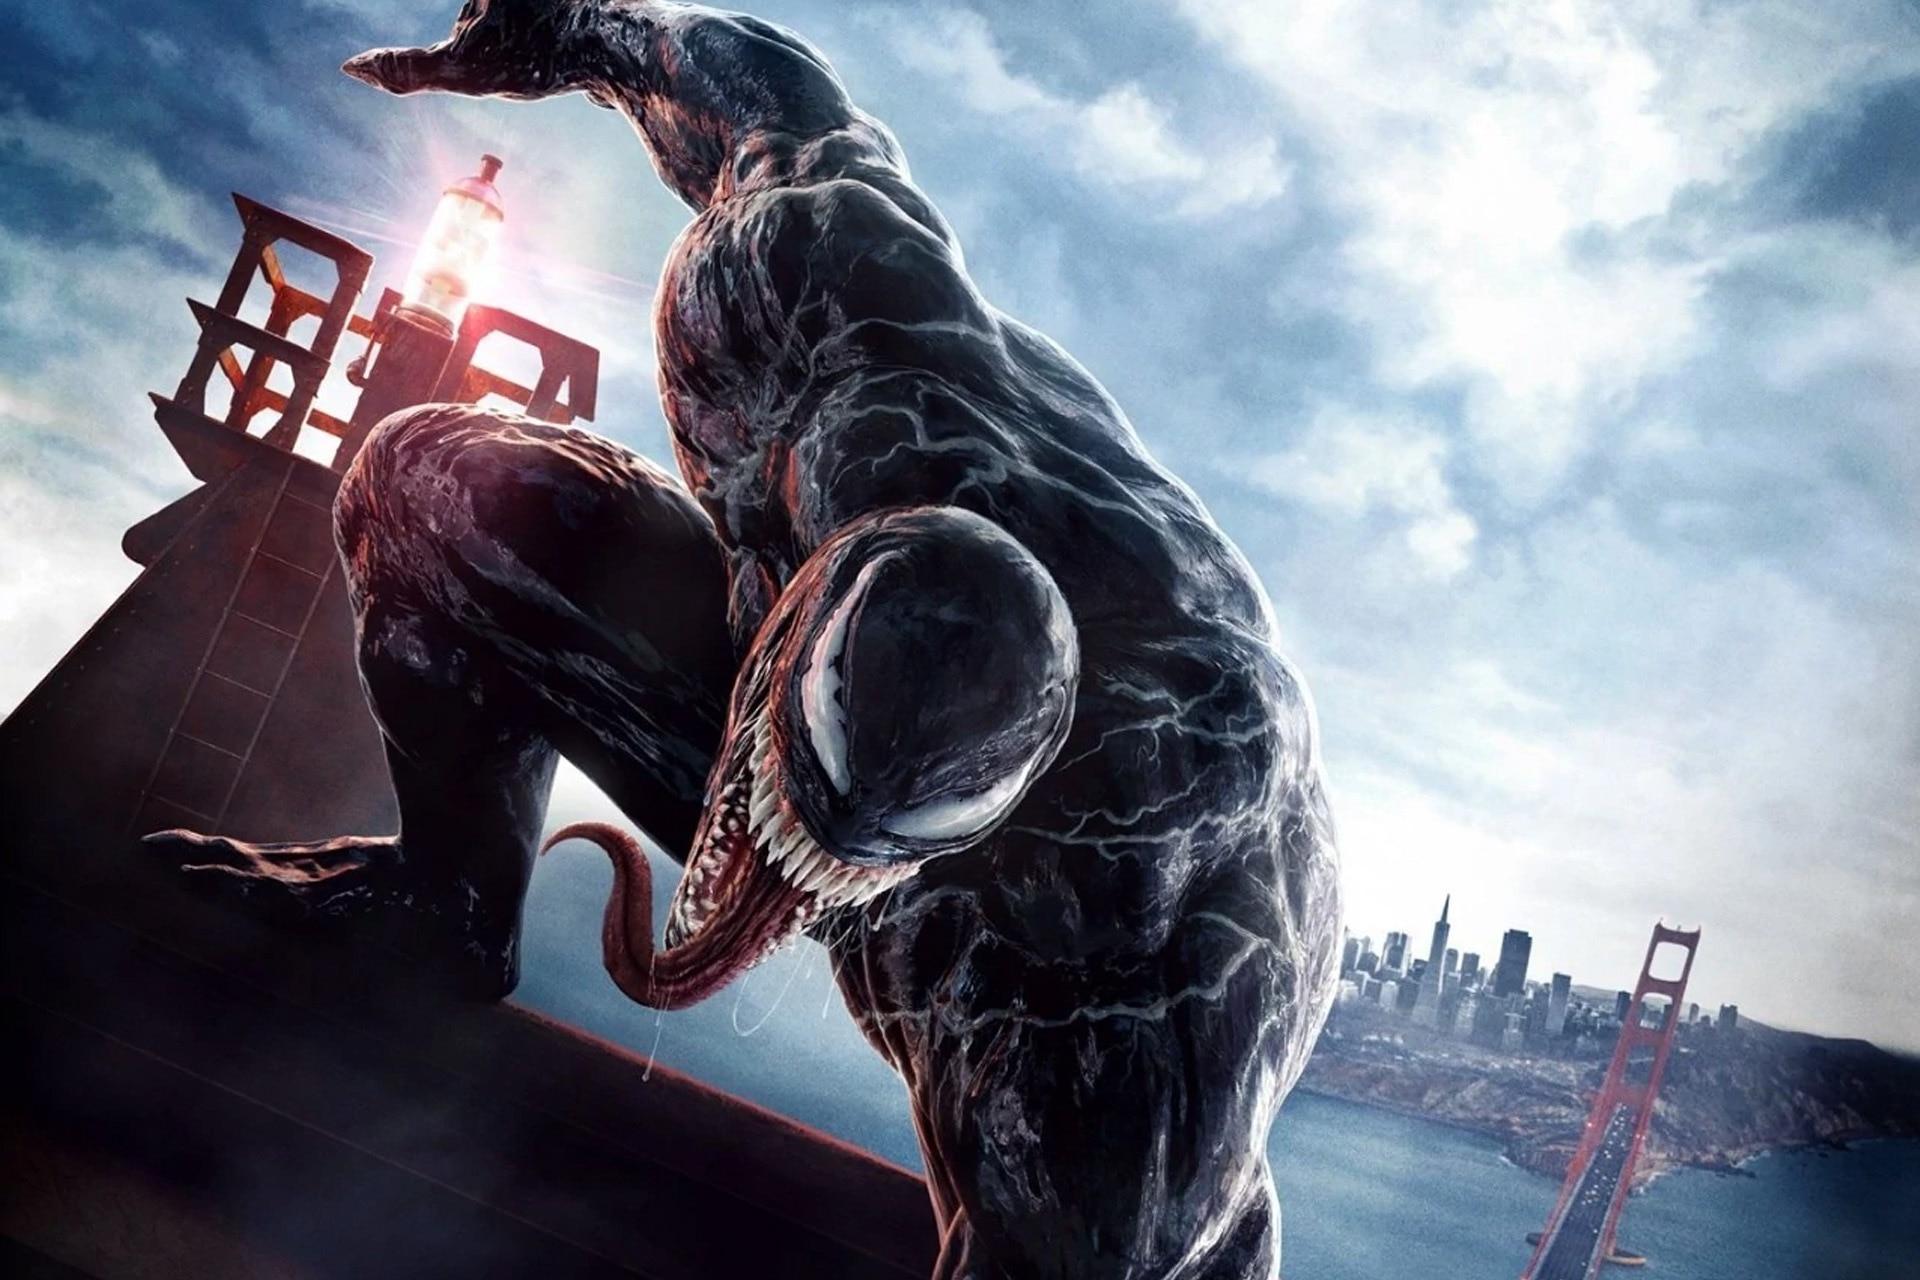 Venom 2 pod taktovkou jiného režiséra